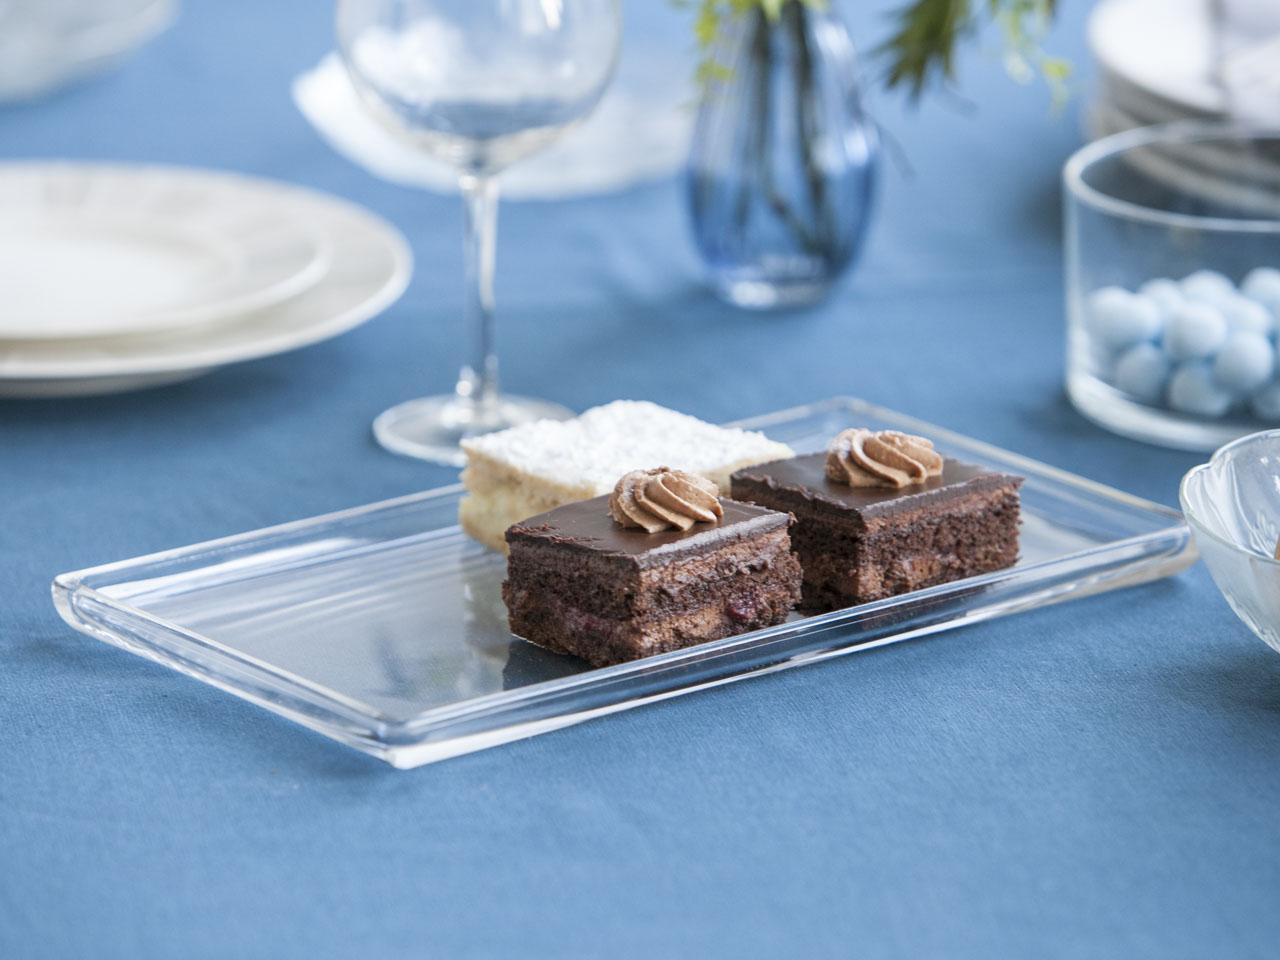 Tortownica / talerz szklany na ciasto niski prostokątny gładki 32 cm